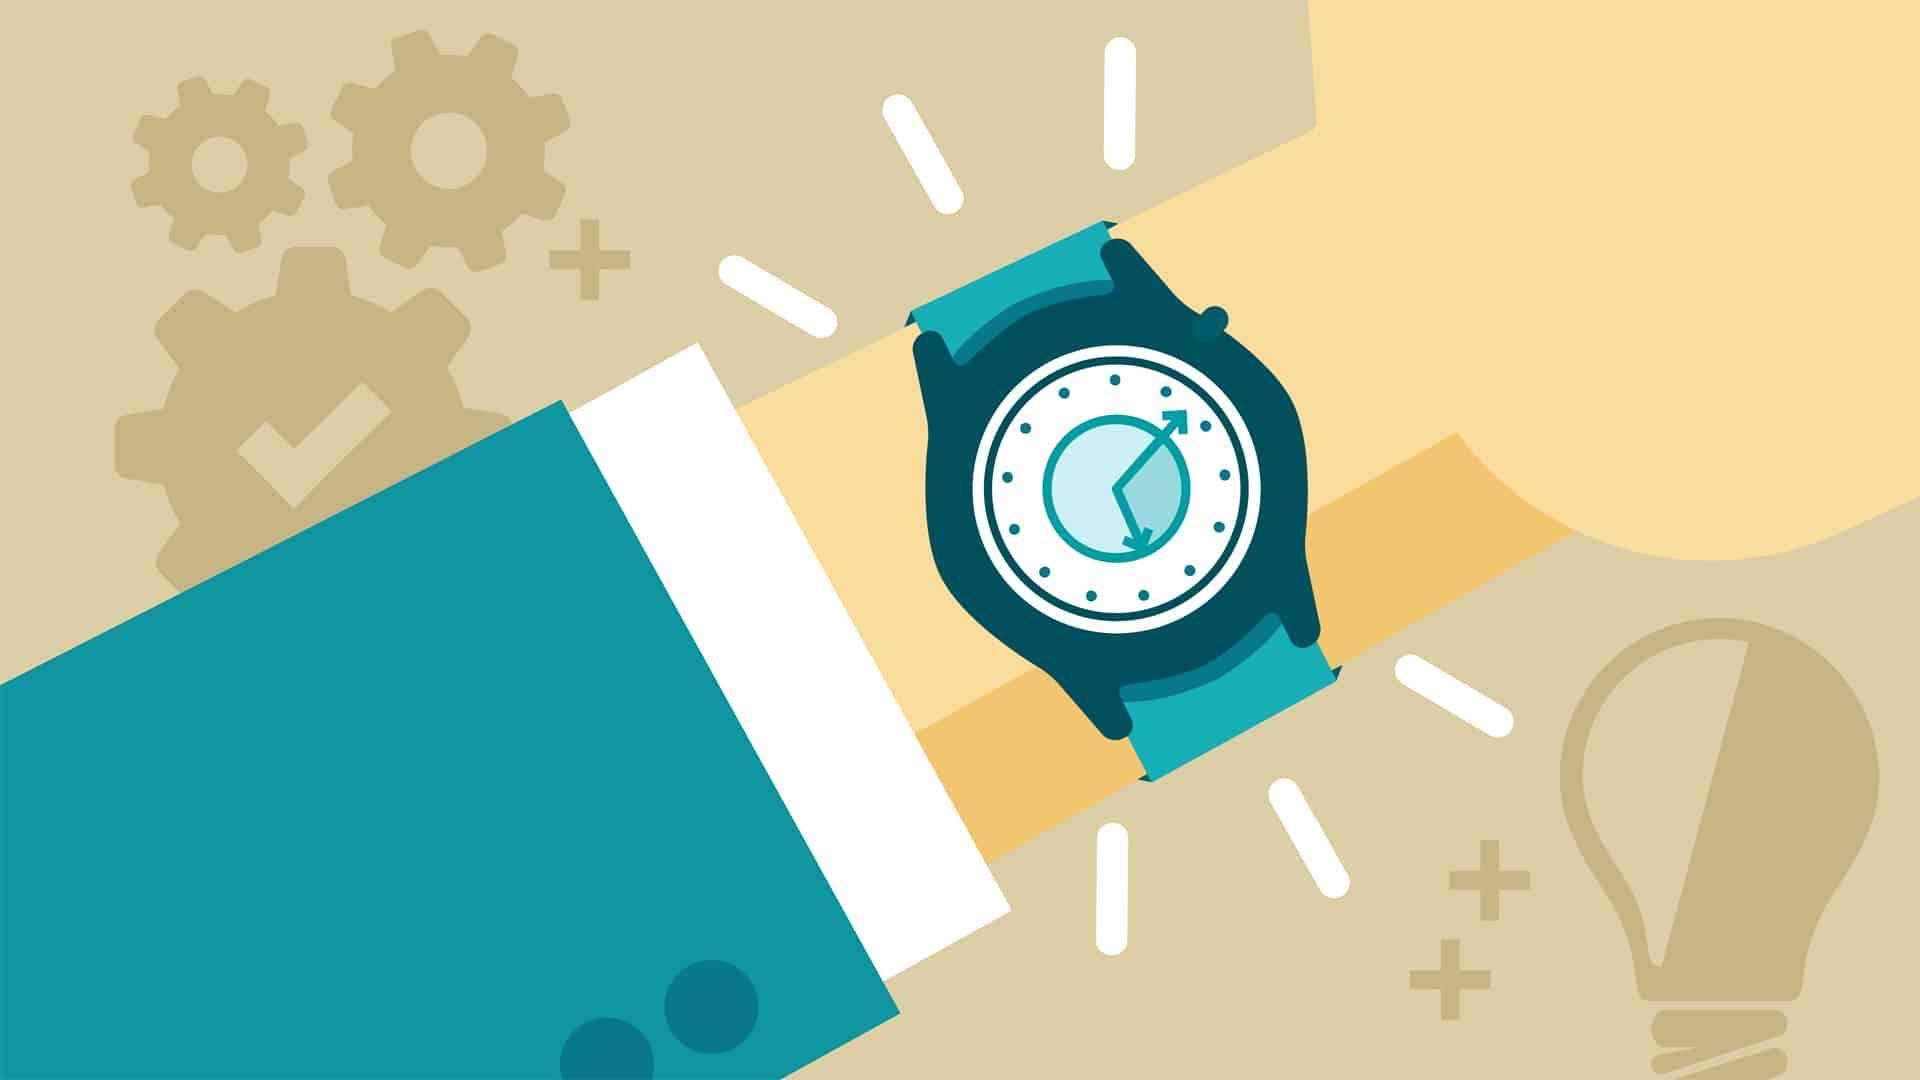 أفضل تطبيقات تنظيم الوقت